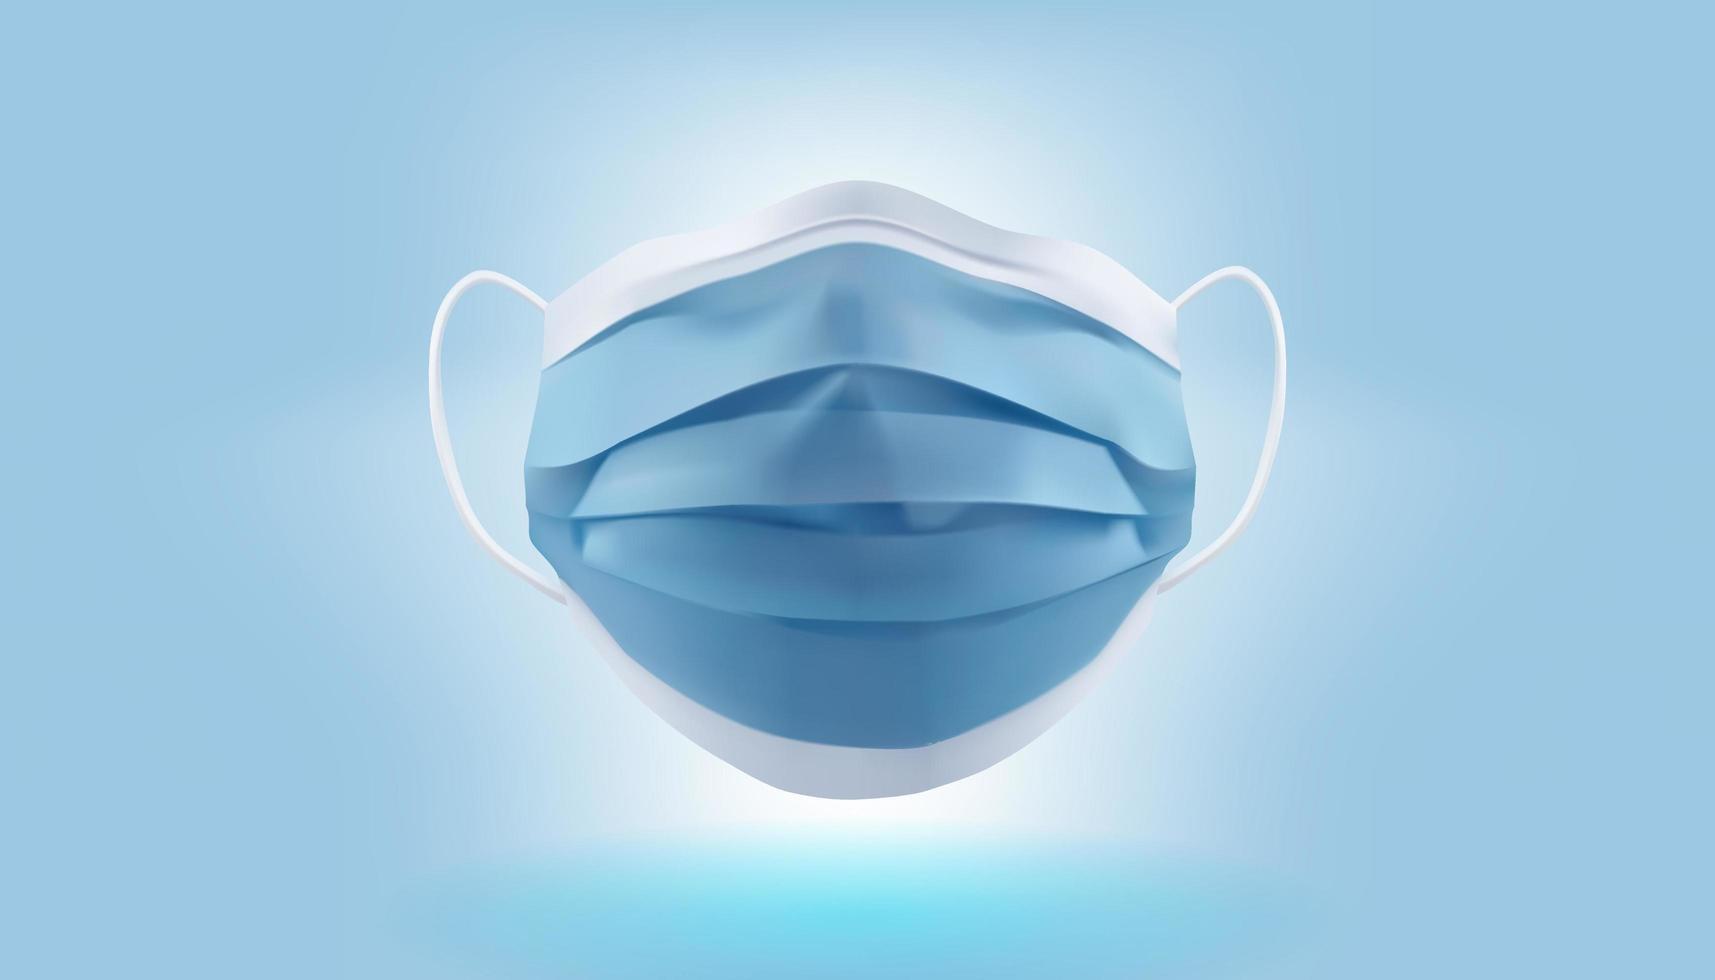 blaue realistische medizinische Gesichtsmaske vektor